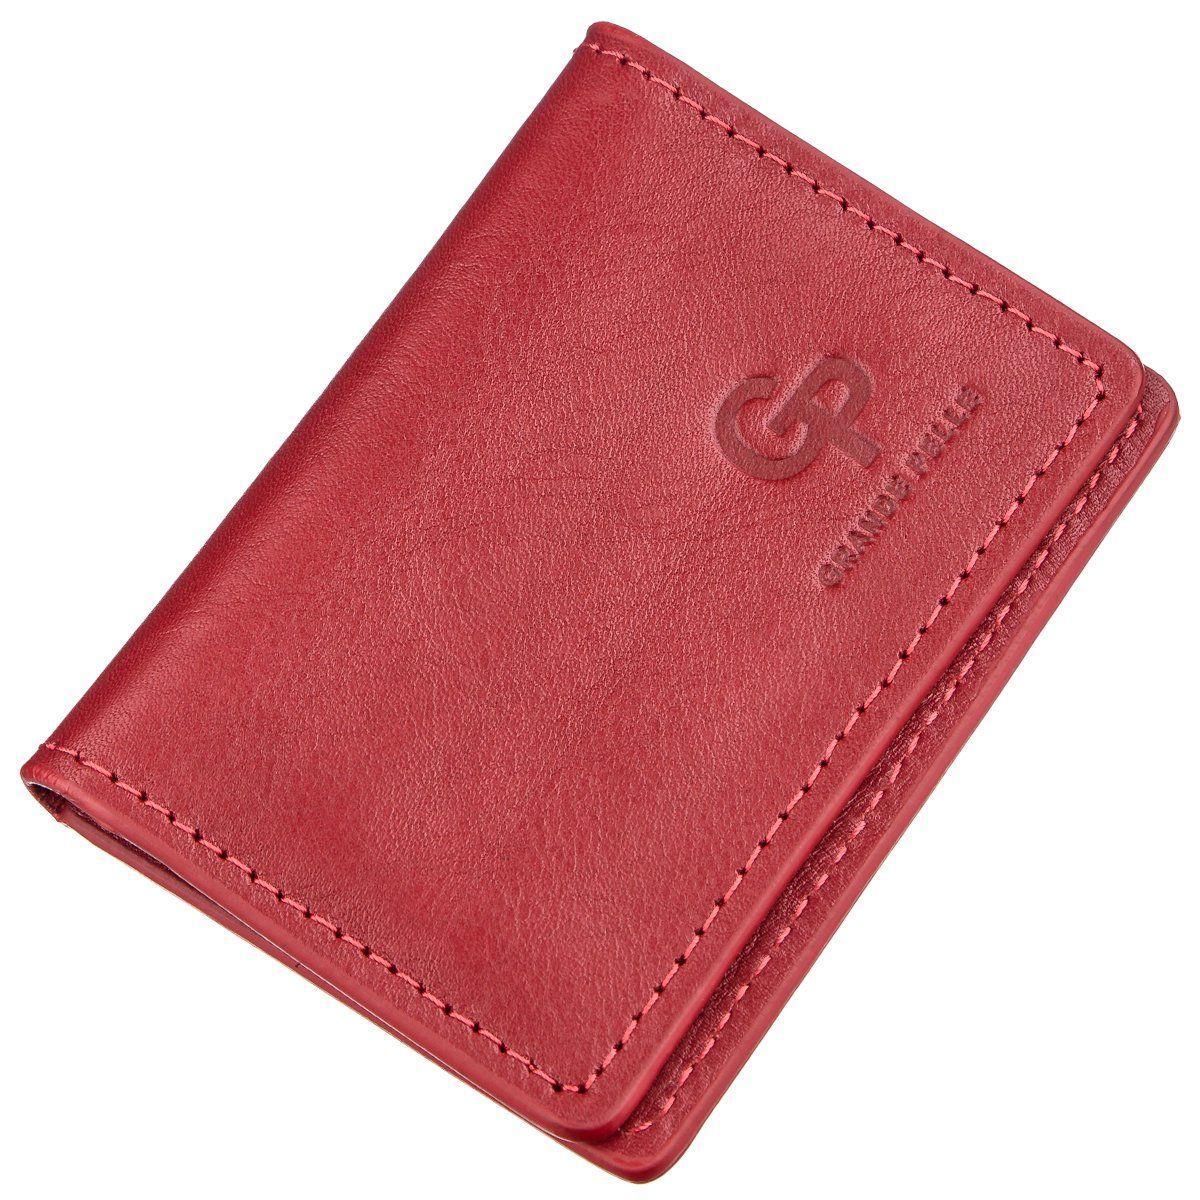 Обложка Для Водительских Прав Кожаная Grande Pelle 11188 Красная, Красный